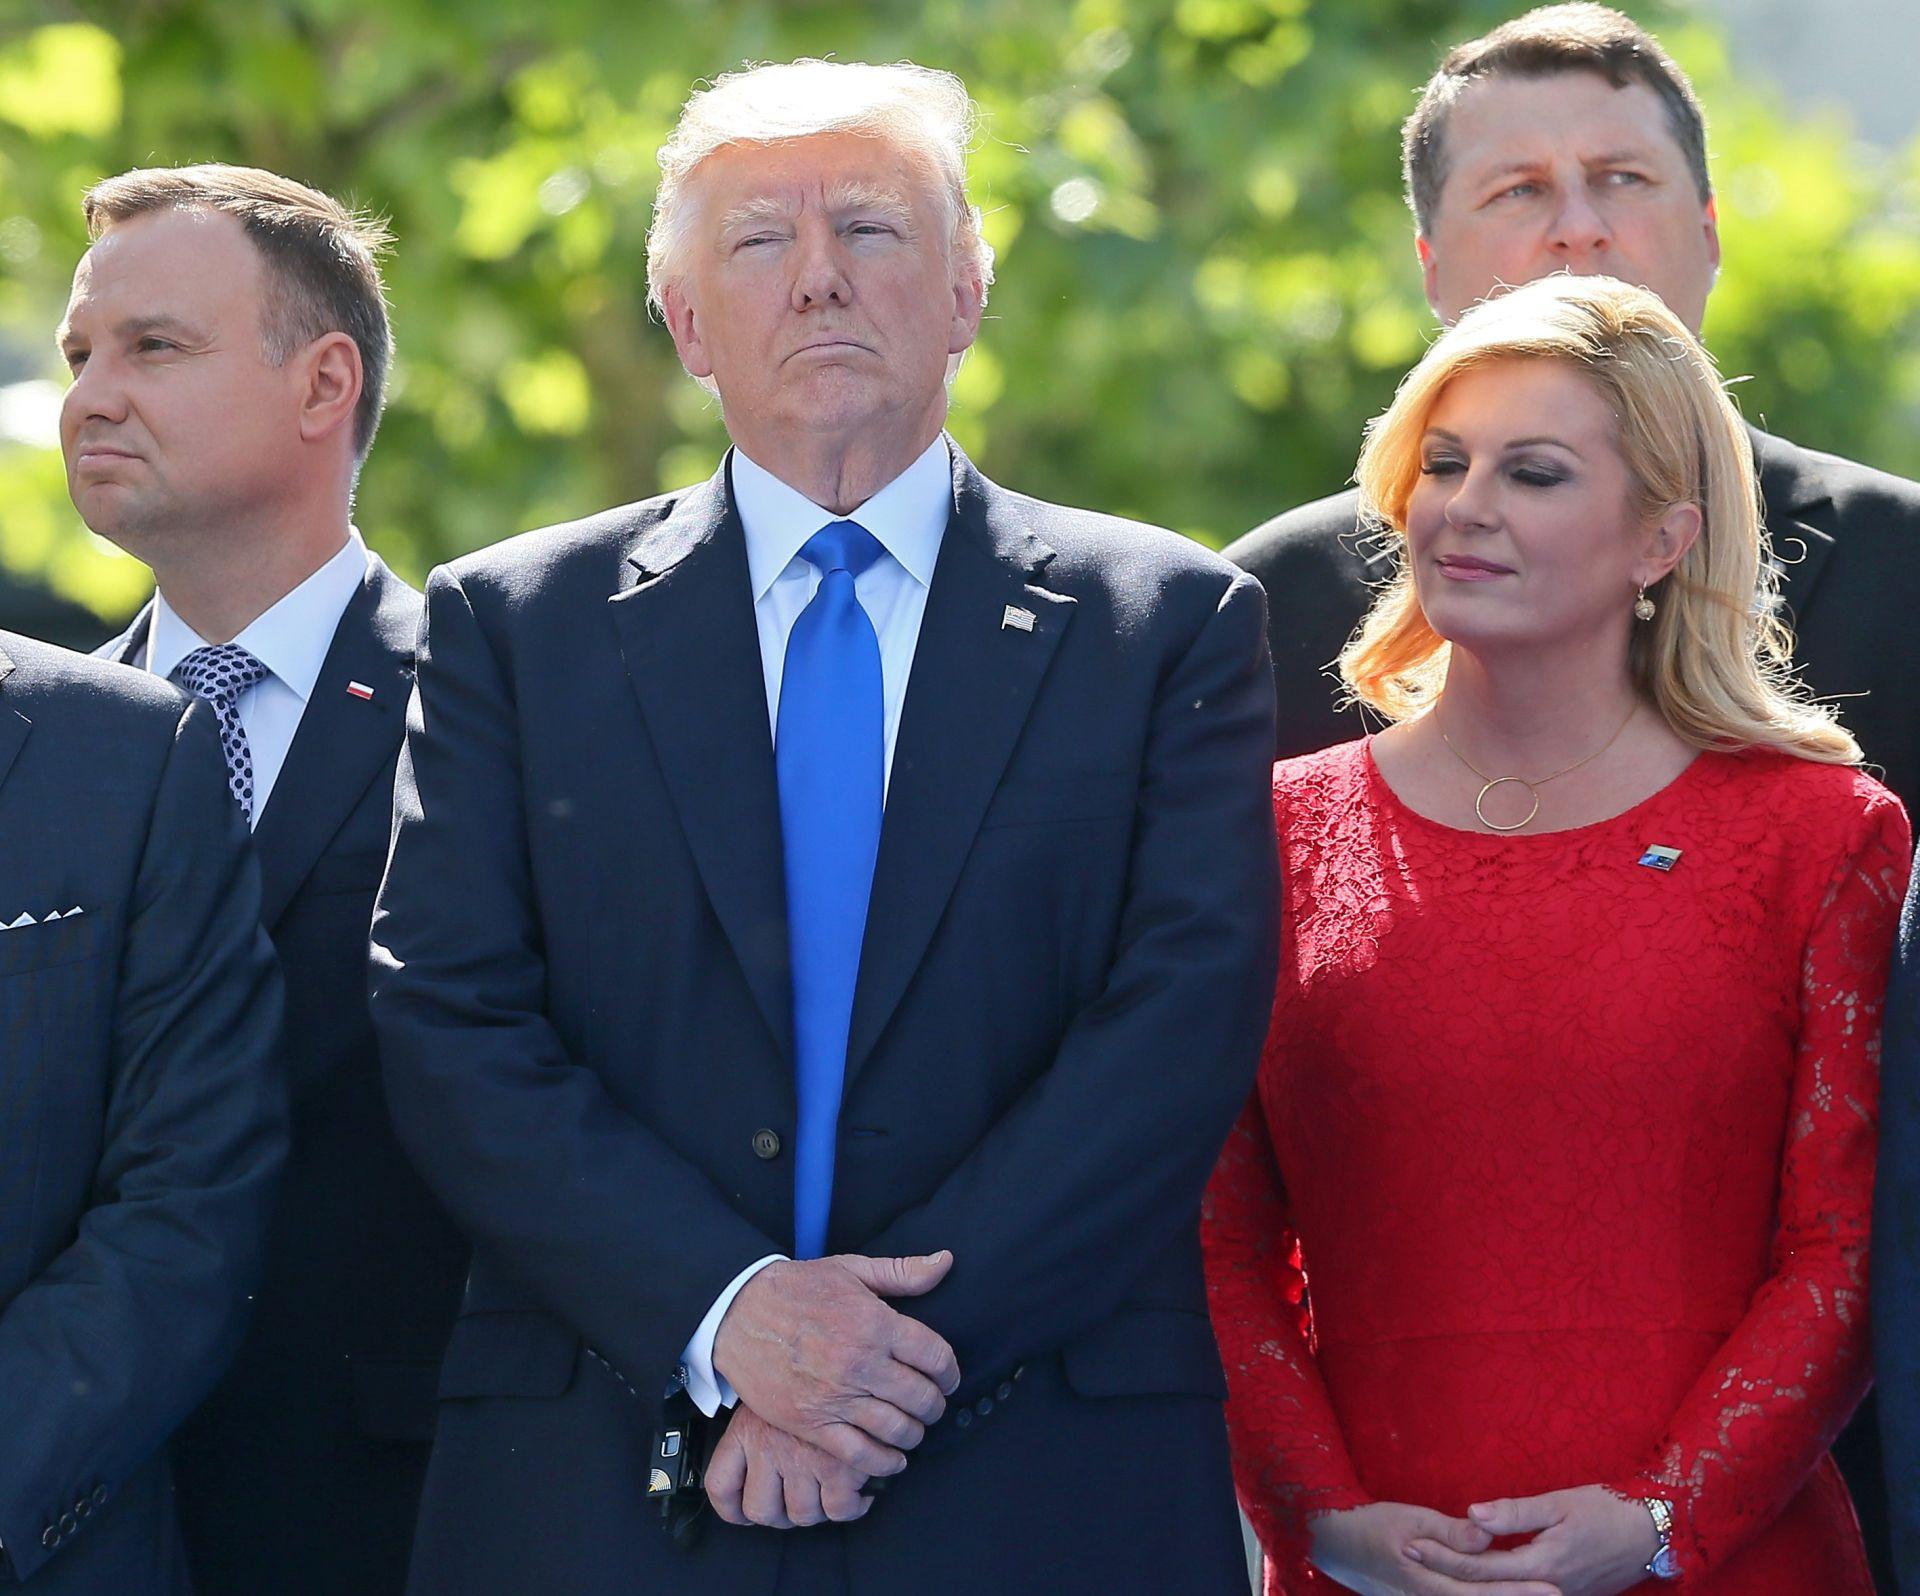 PREDBOŽIĆNI FOLLOW UP Grabar Kitarović posjećuje Trumpa